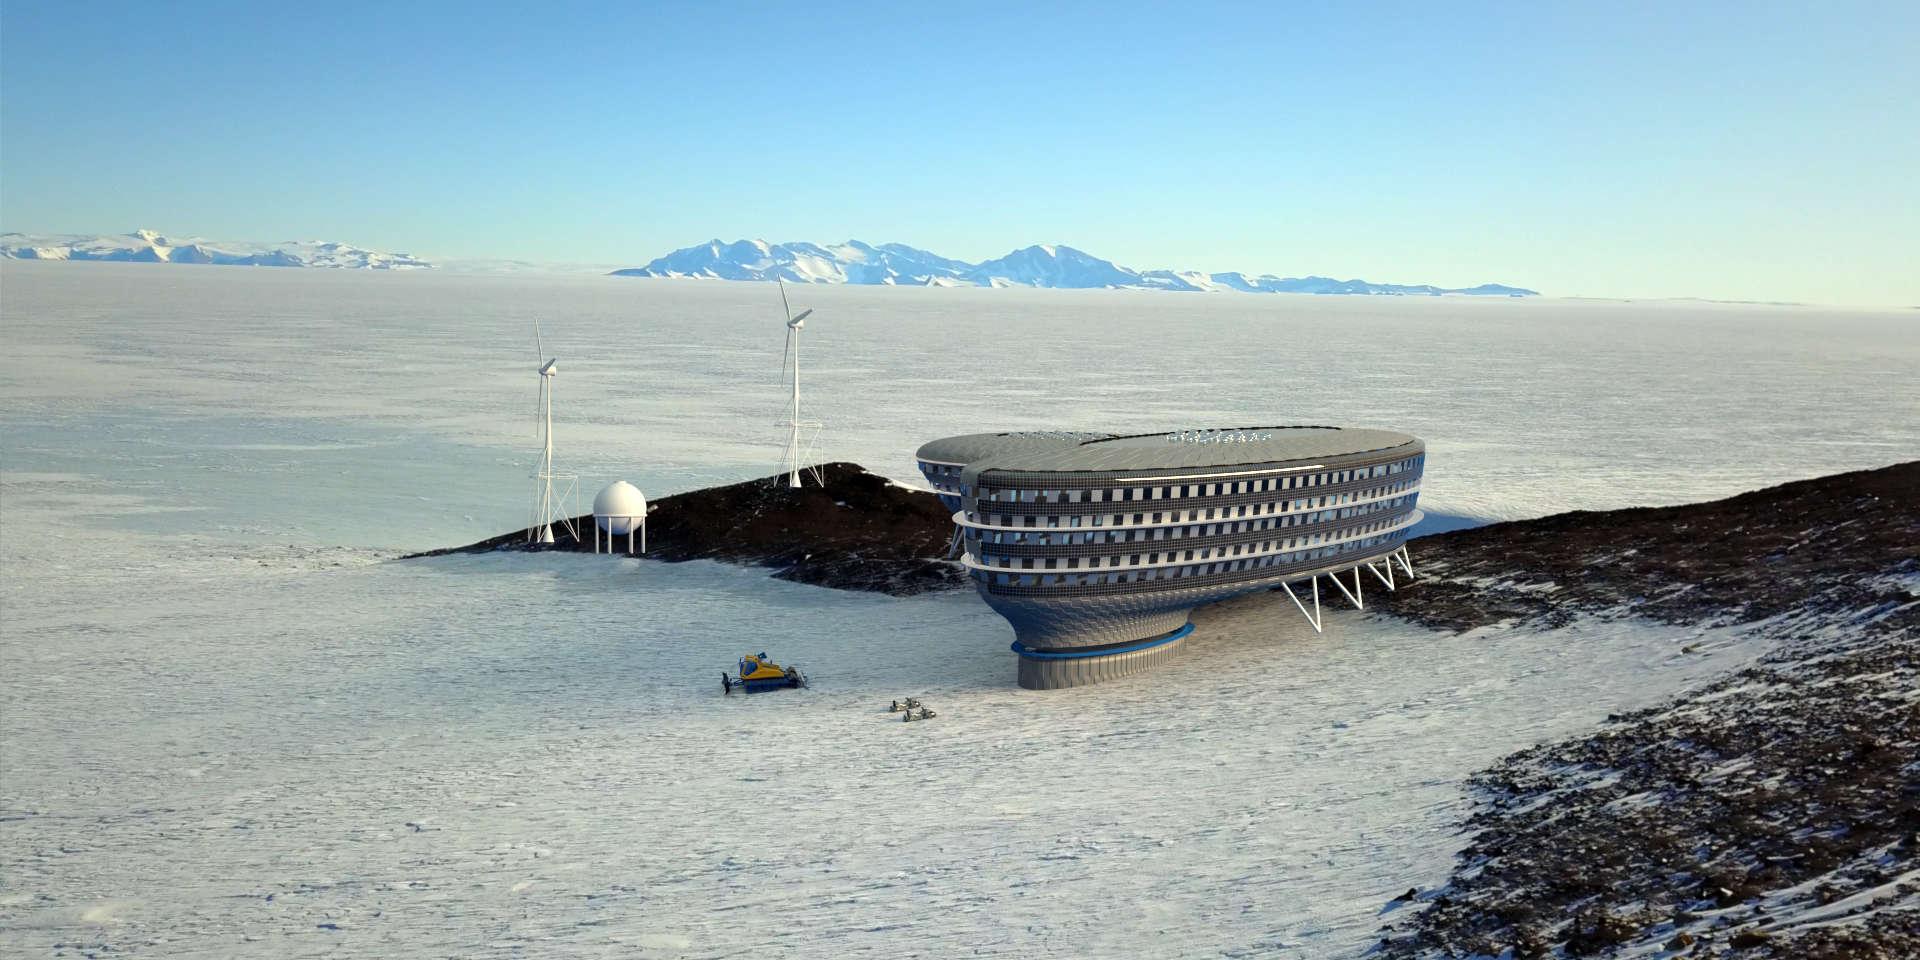 Image de synthèse montrant le projet de la station «Andromeda» en Antarctique, de la Fondation polaire internationale.